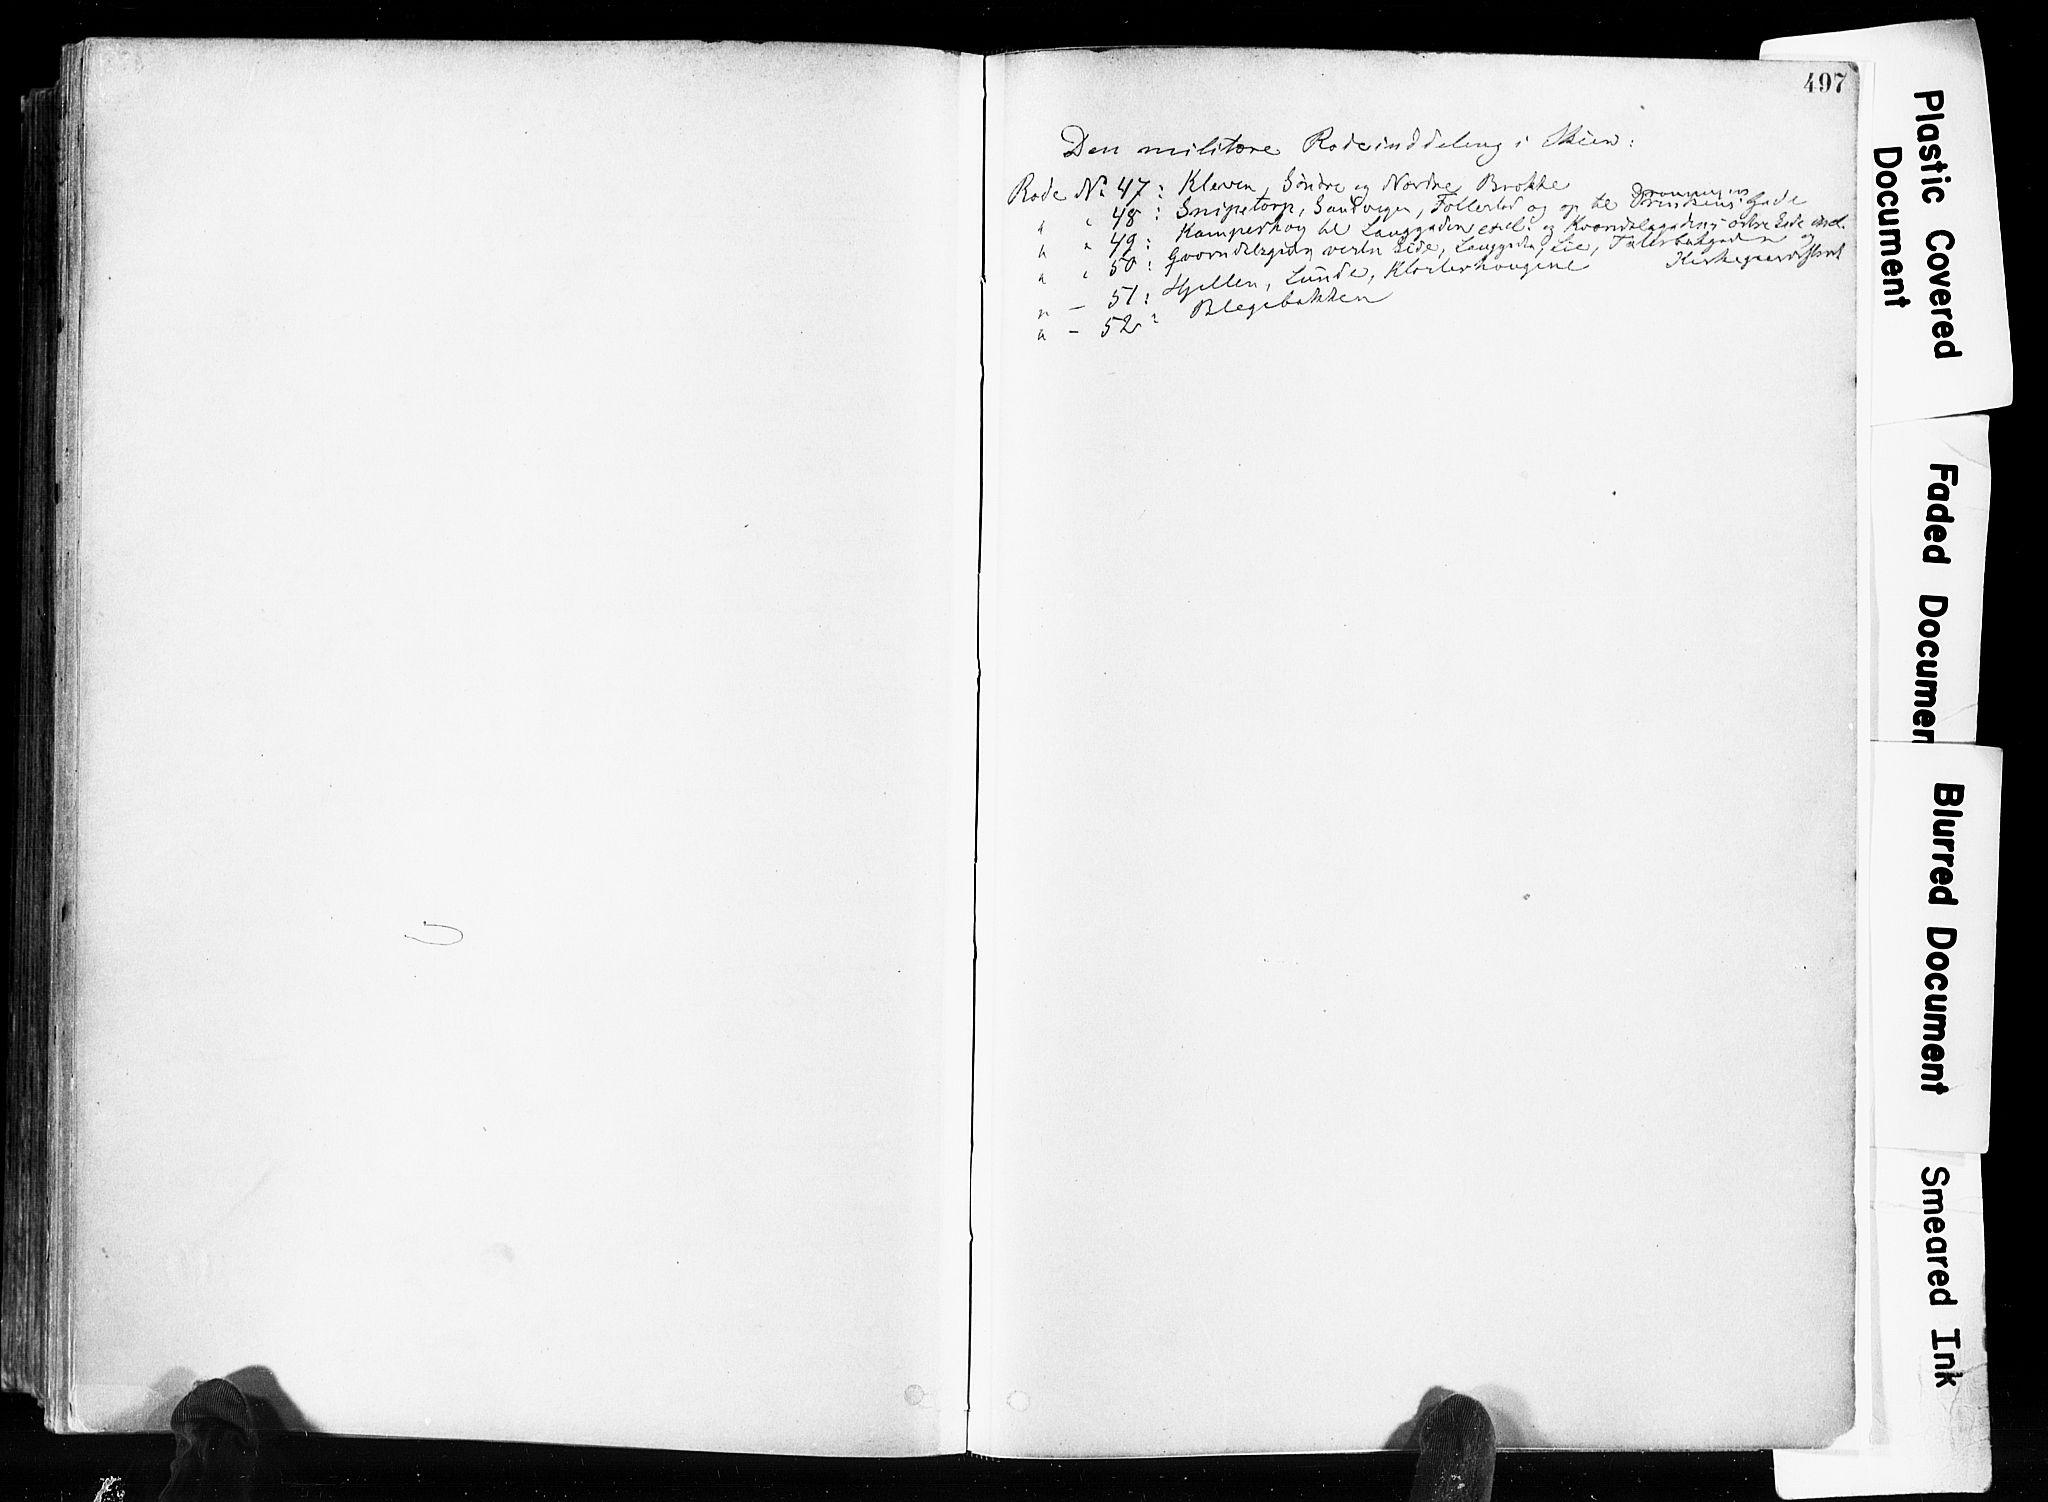 SAKO, Skien kirkebøker, F/Fa/L0009: Ministerialbok nr. 9, 1878-1890, s. 497